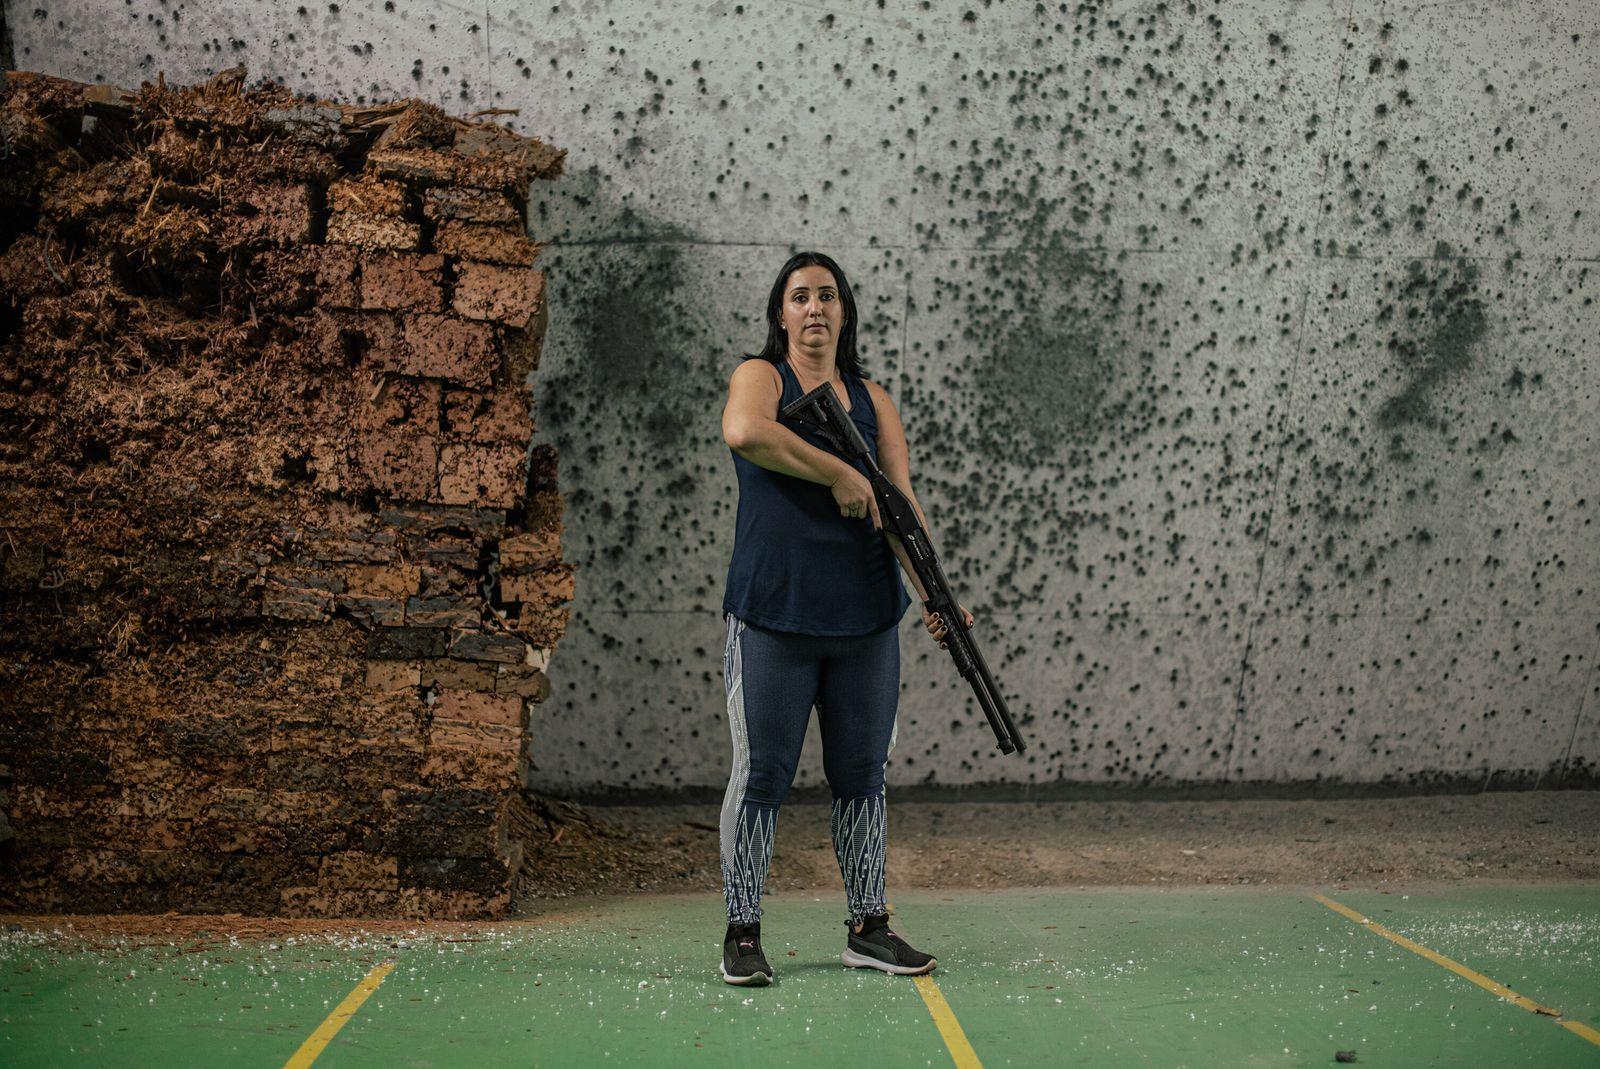 Érika Oliveira segura uma espingarda calibre 12 após realizar seus primeiros disparos. Ela decidiu adquirir a ...